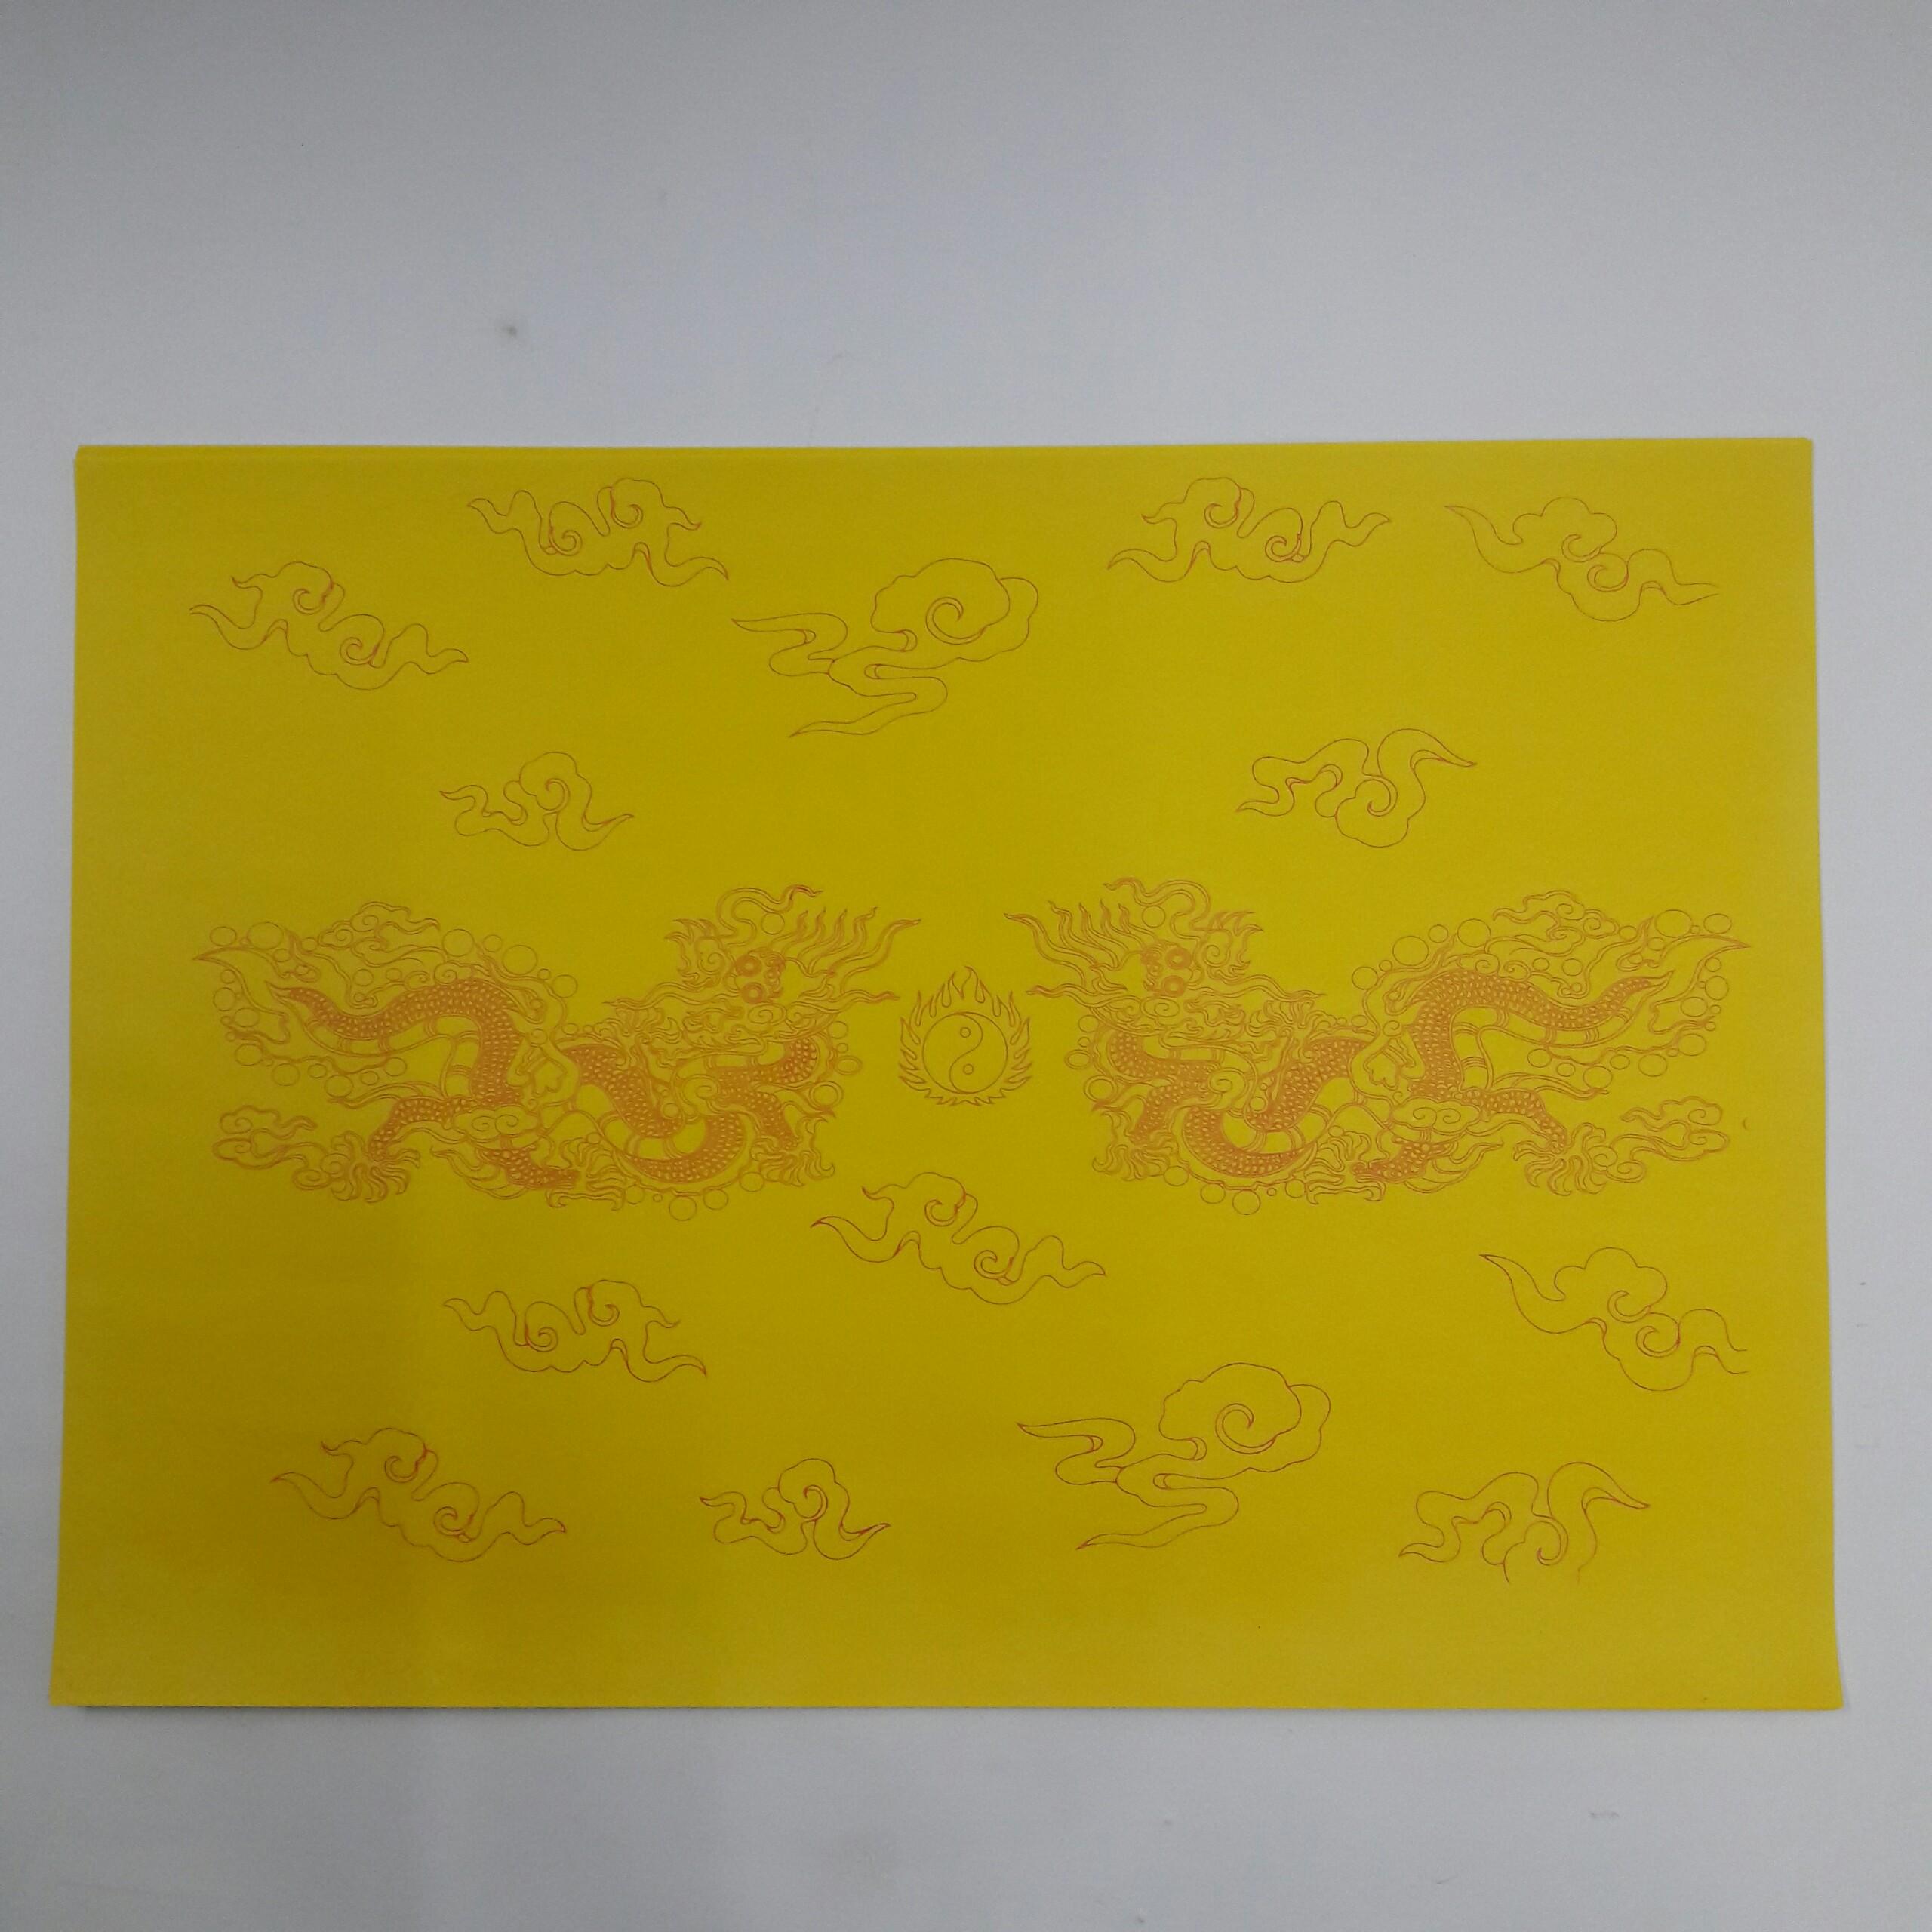 Giấy In Sớ Việt Lạc rồng chầu RN a3 DL60 nền vàng